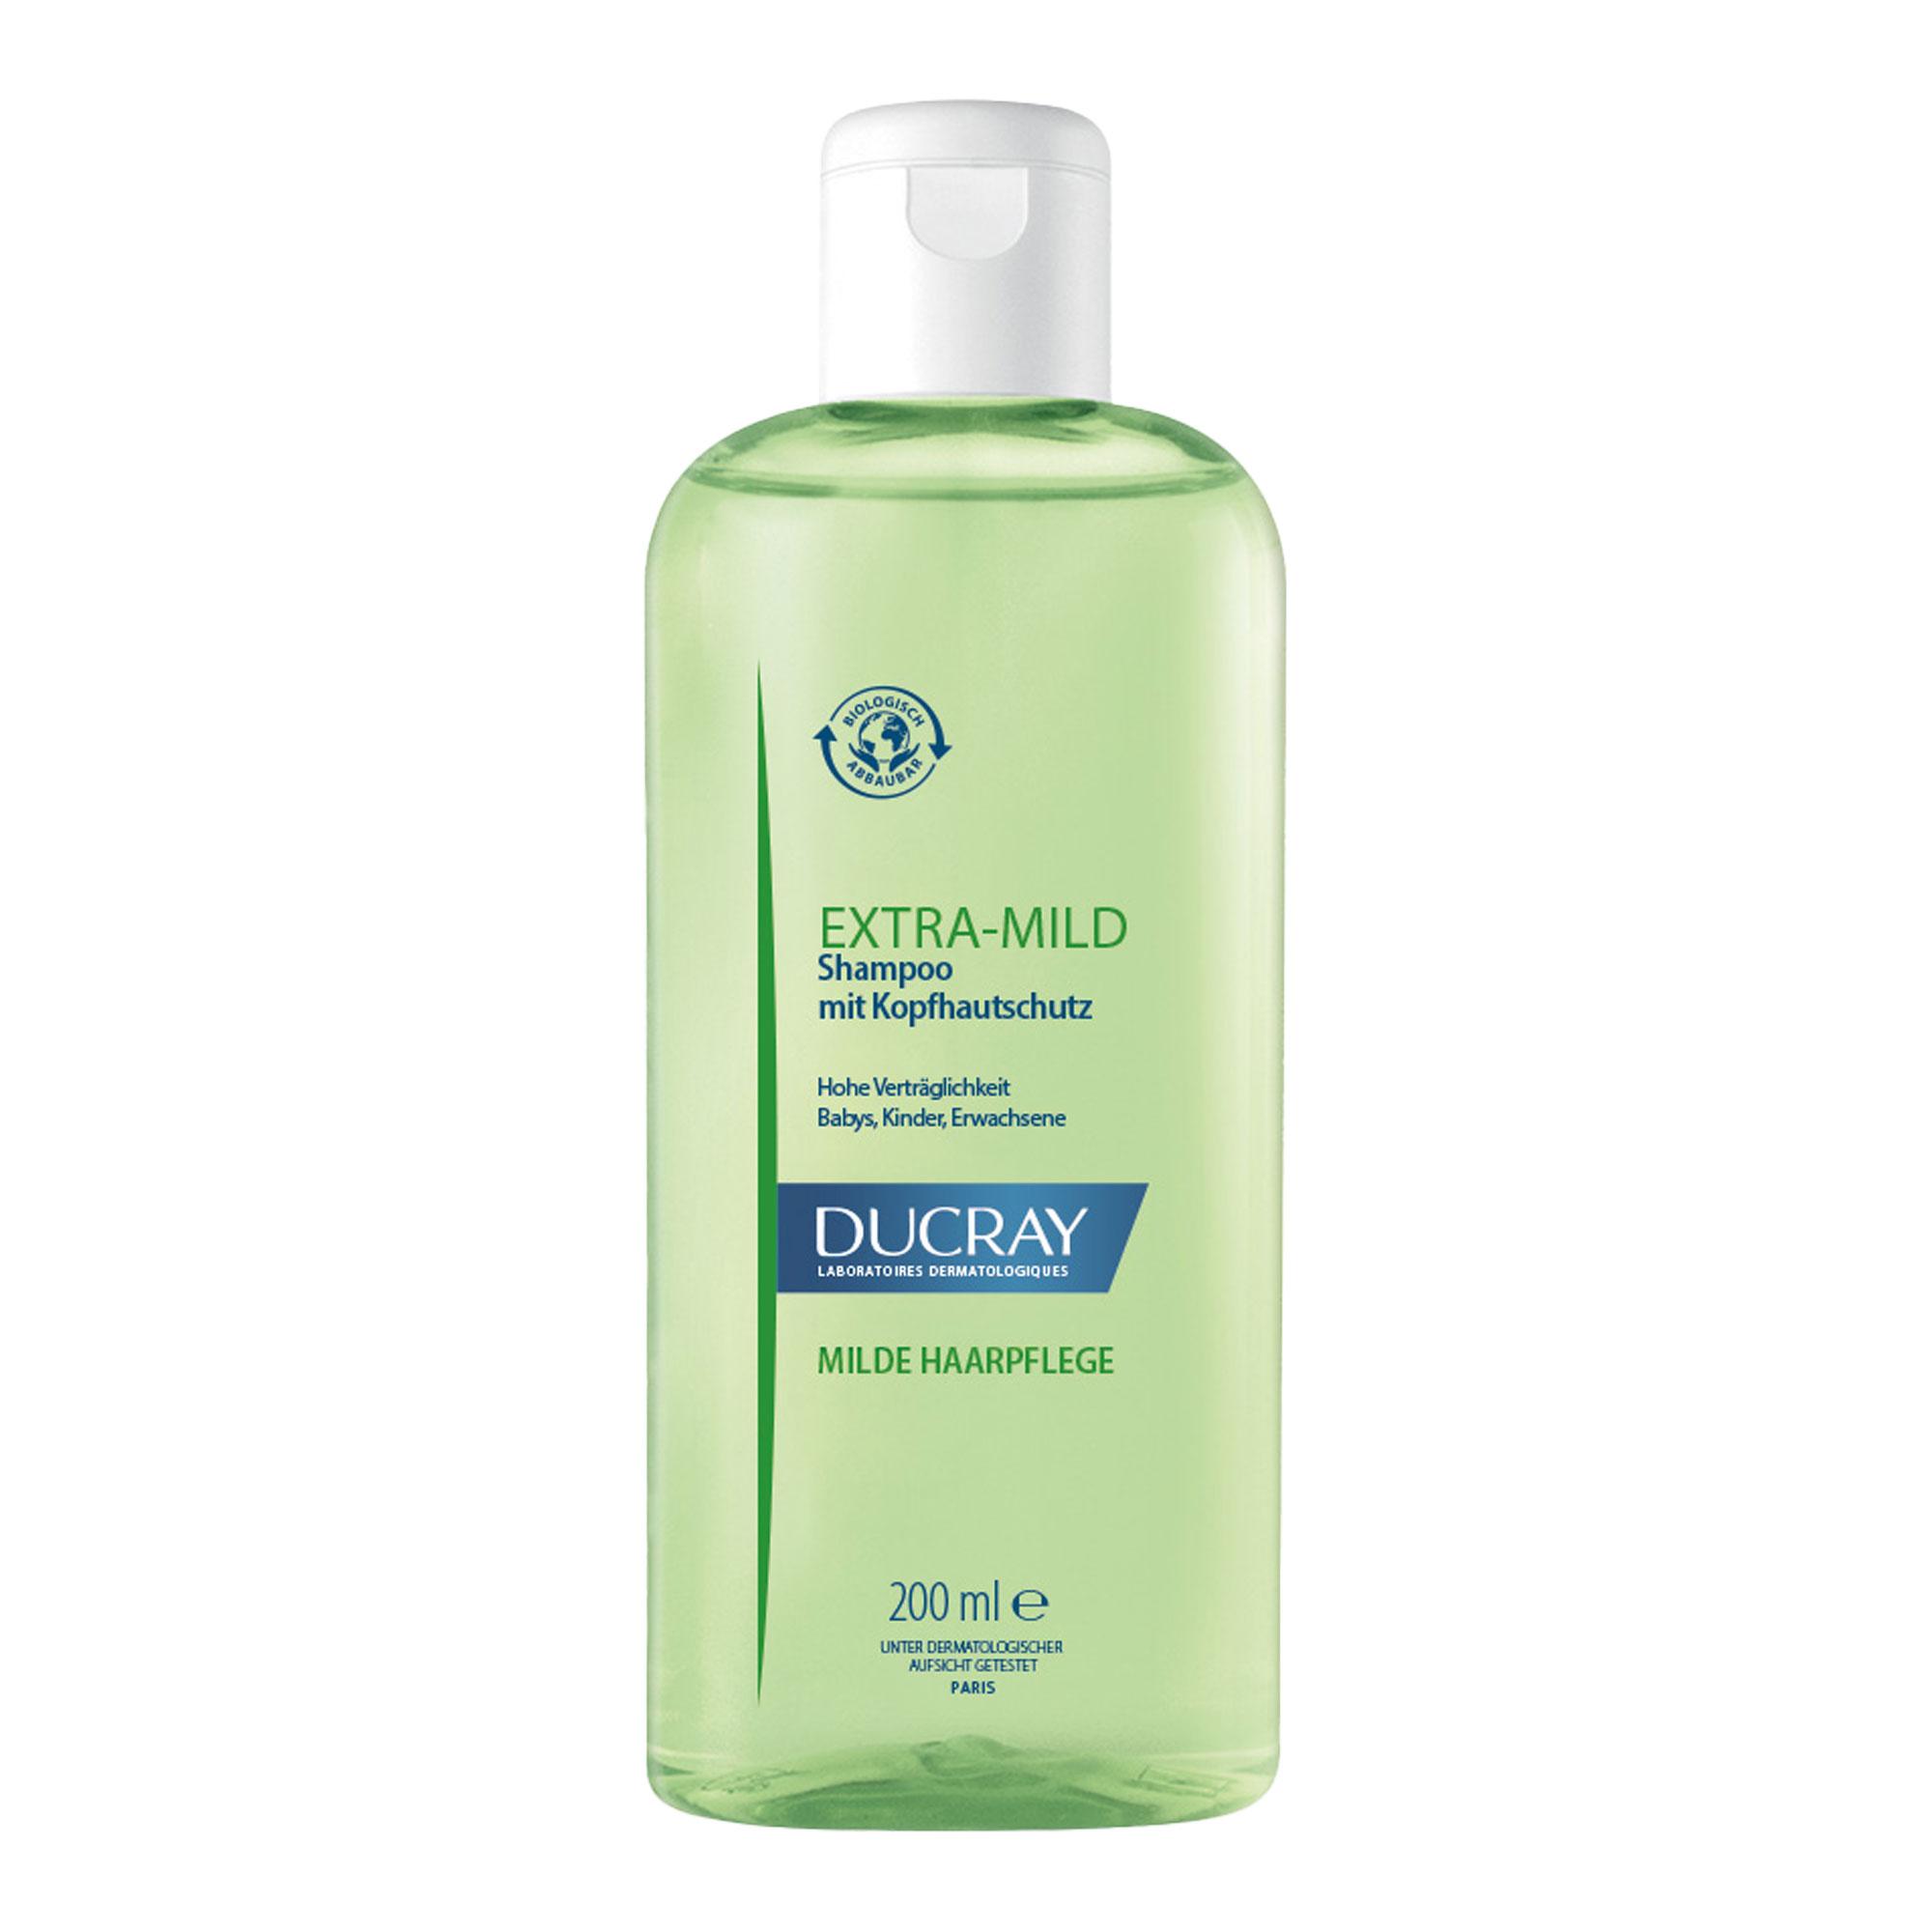 Ducray Extra Mild Shampoo